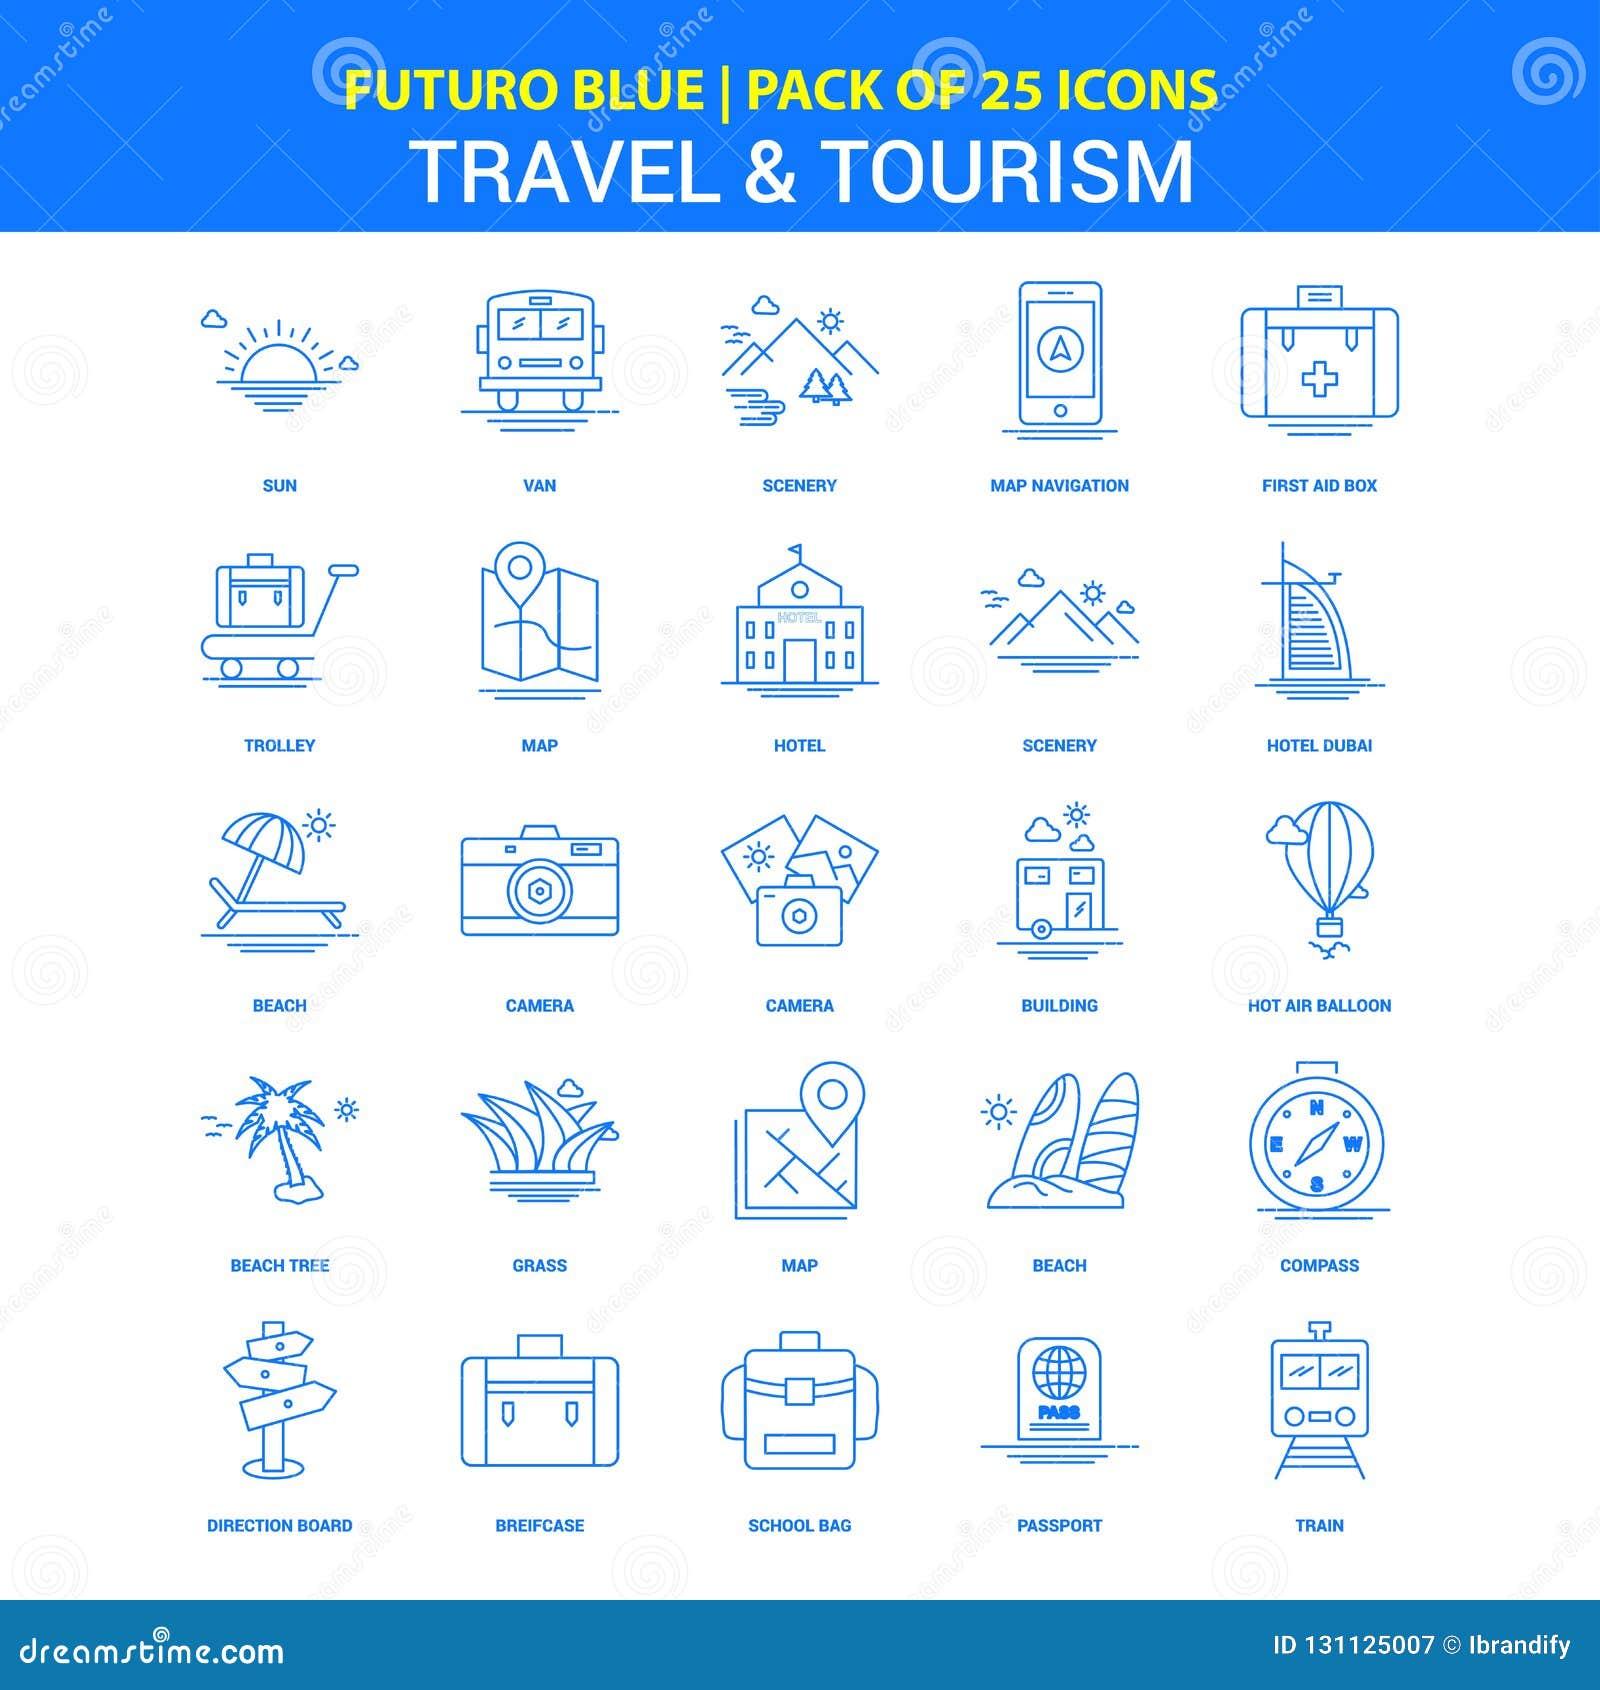 Εικονίδια ταξιδιού και τουρισμού - μπλε πακέτο 25 εικονιδίων Futuro